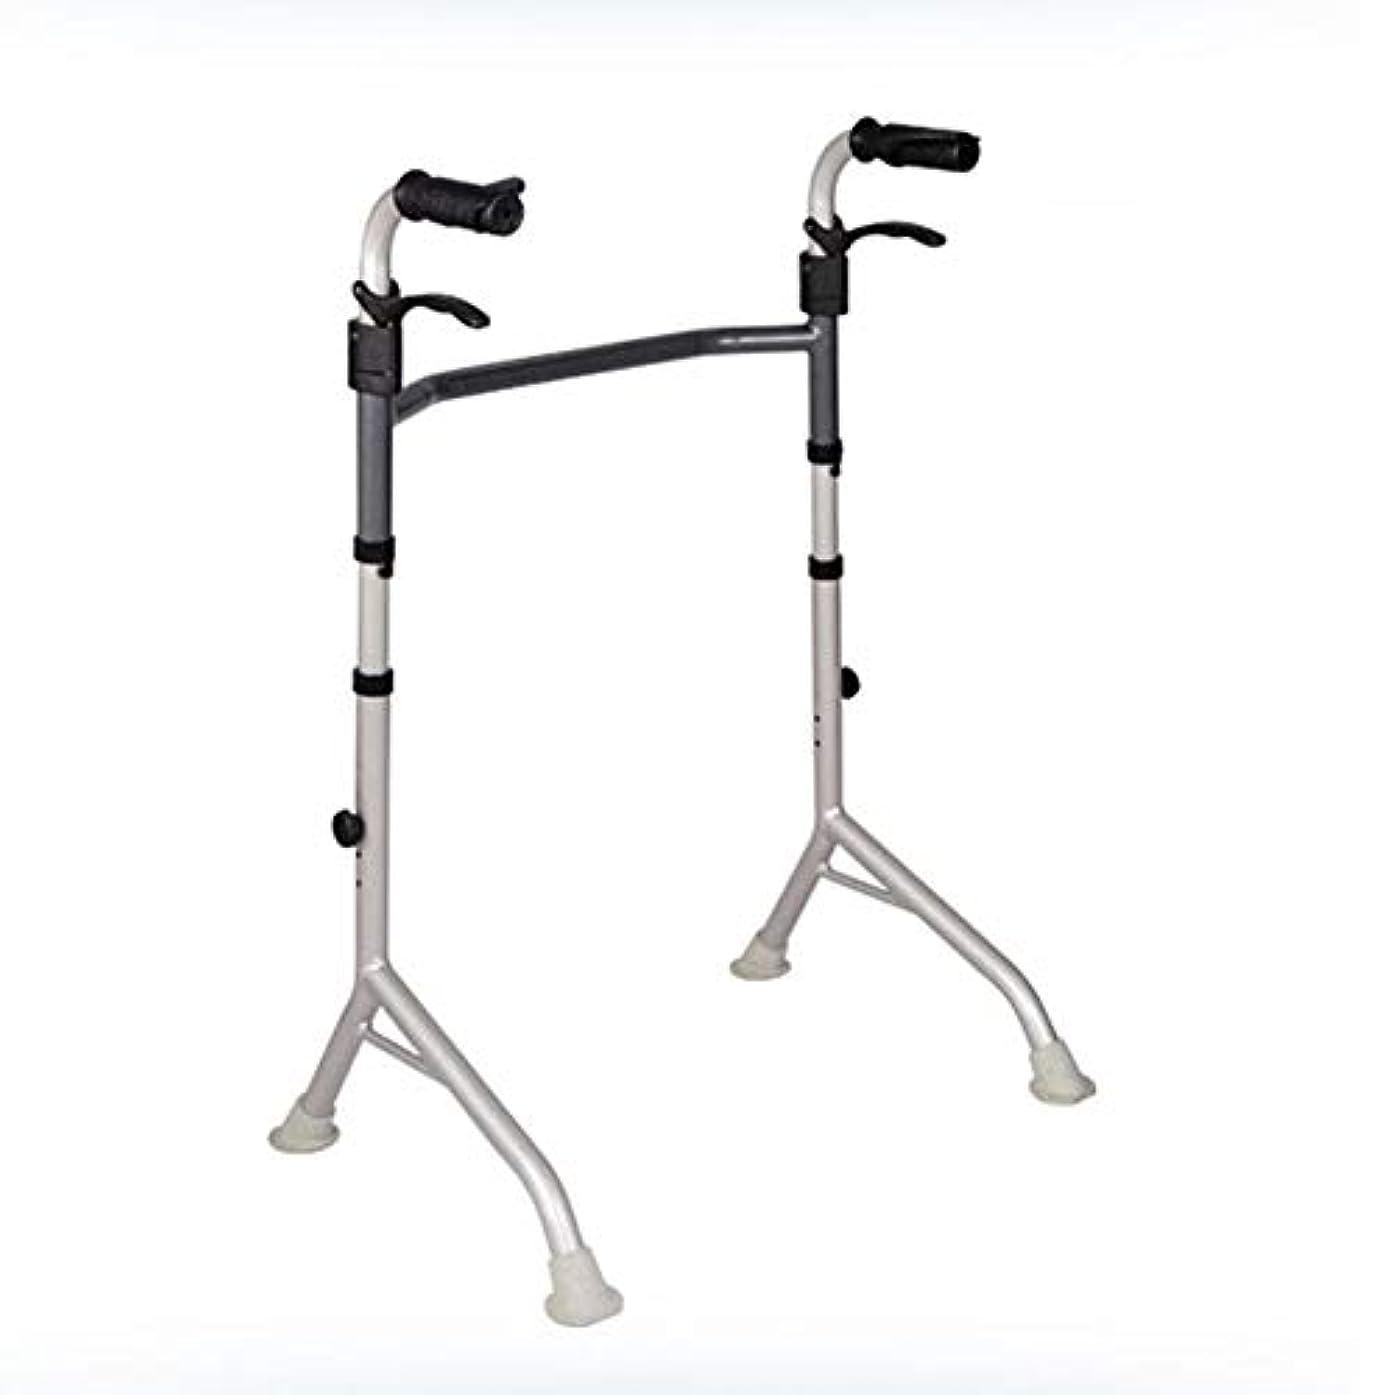 有限外出考える四脚歩行器、高齢者歩行フレーム、リハビリテーション立ちアームレスト、歩行補助